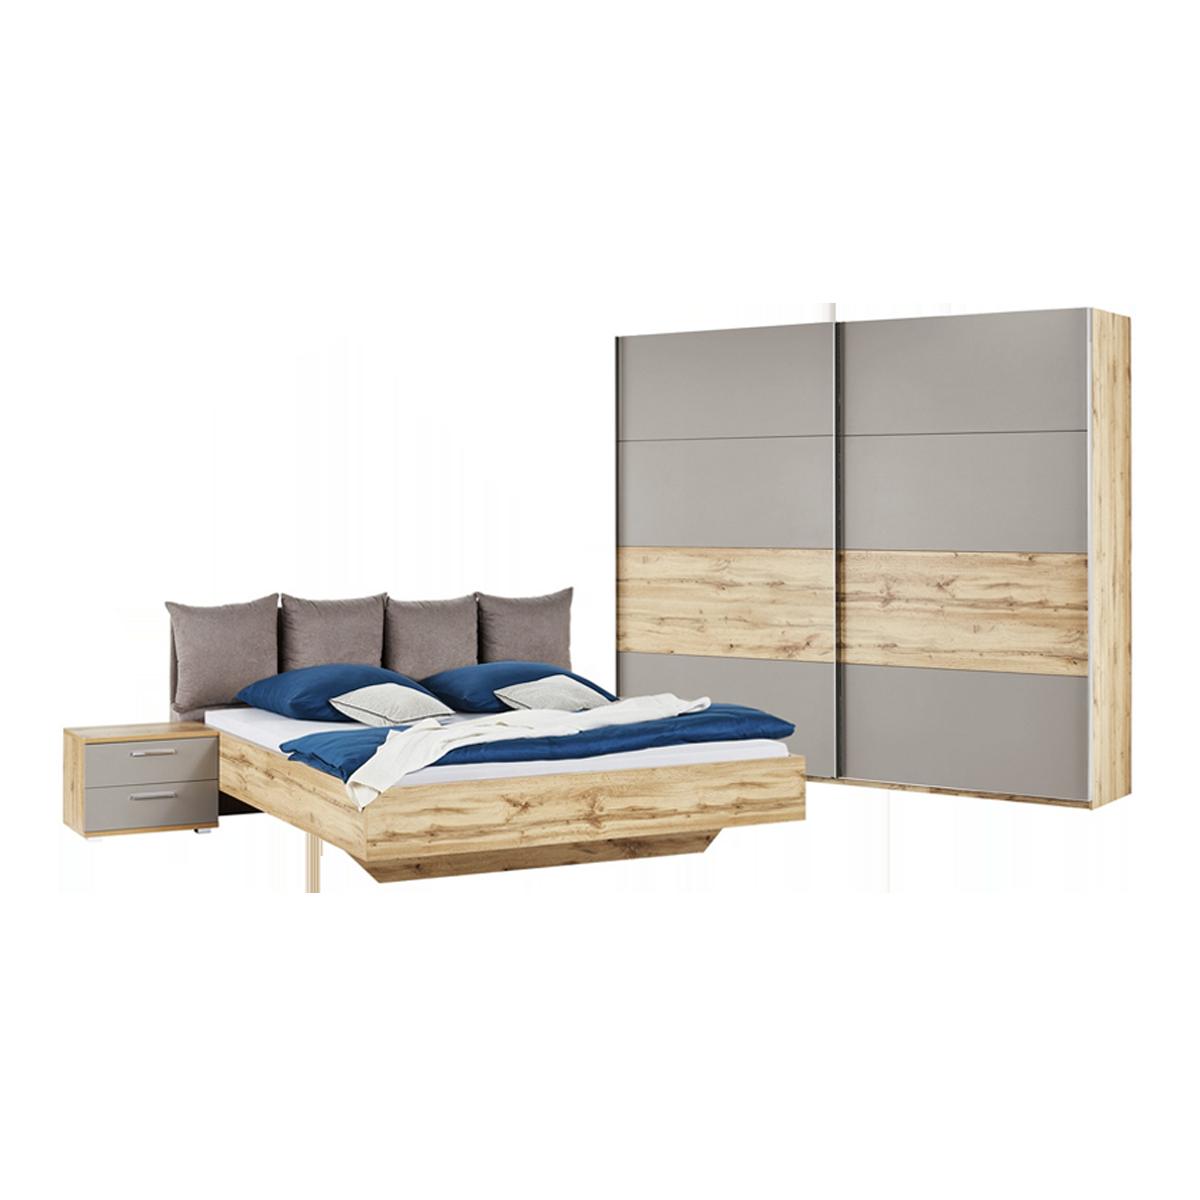 Schlafkontor Deltas Schlafzimmer Set 3-teilig Front Basaltgrau